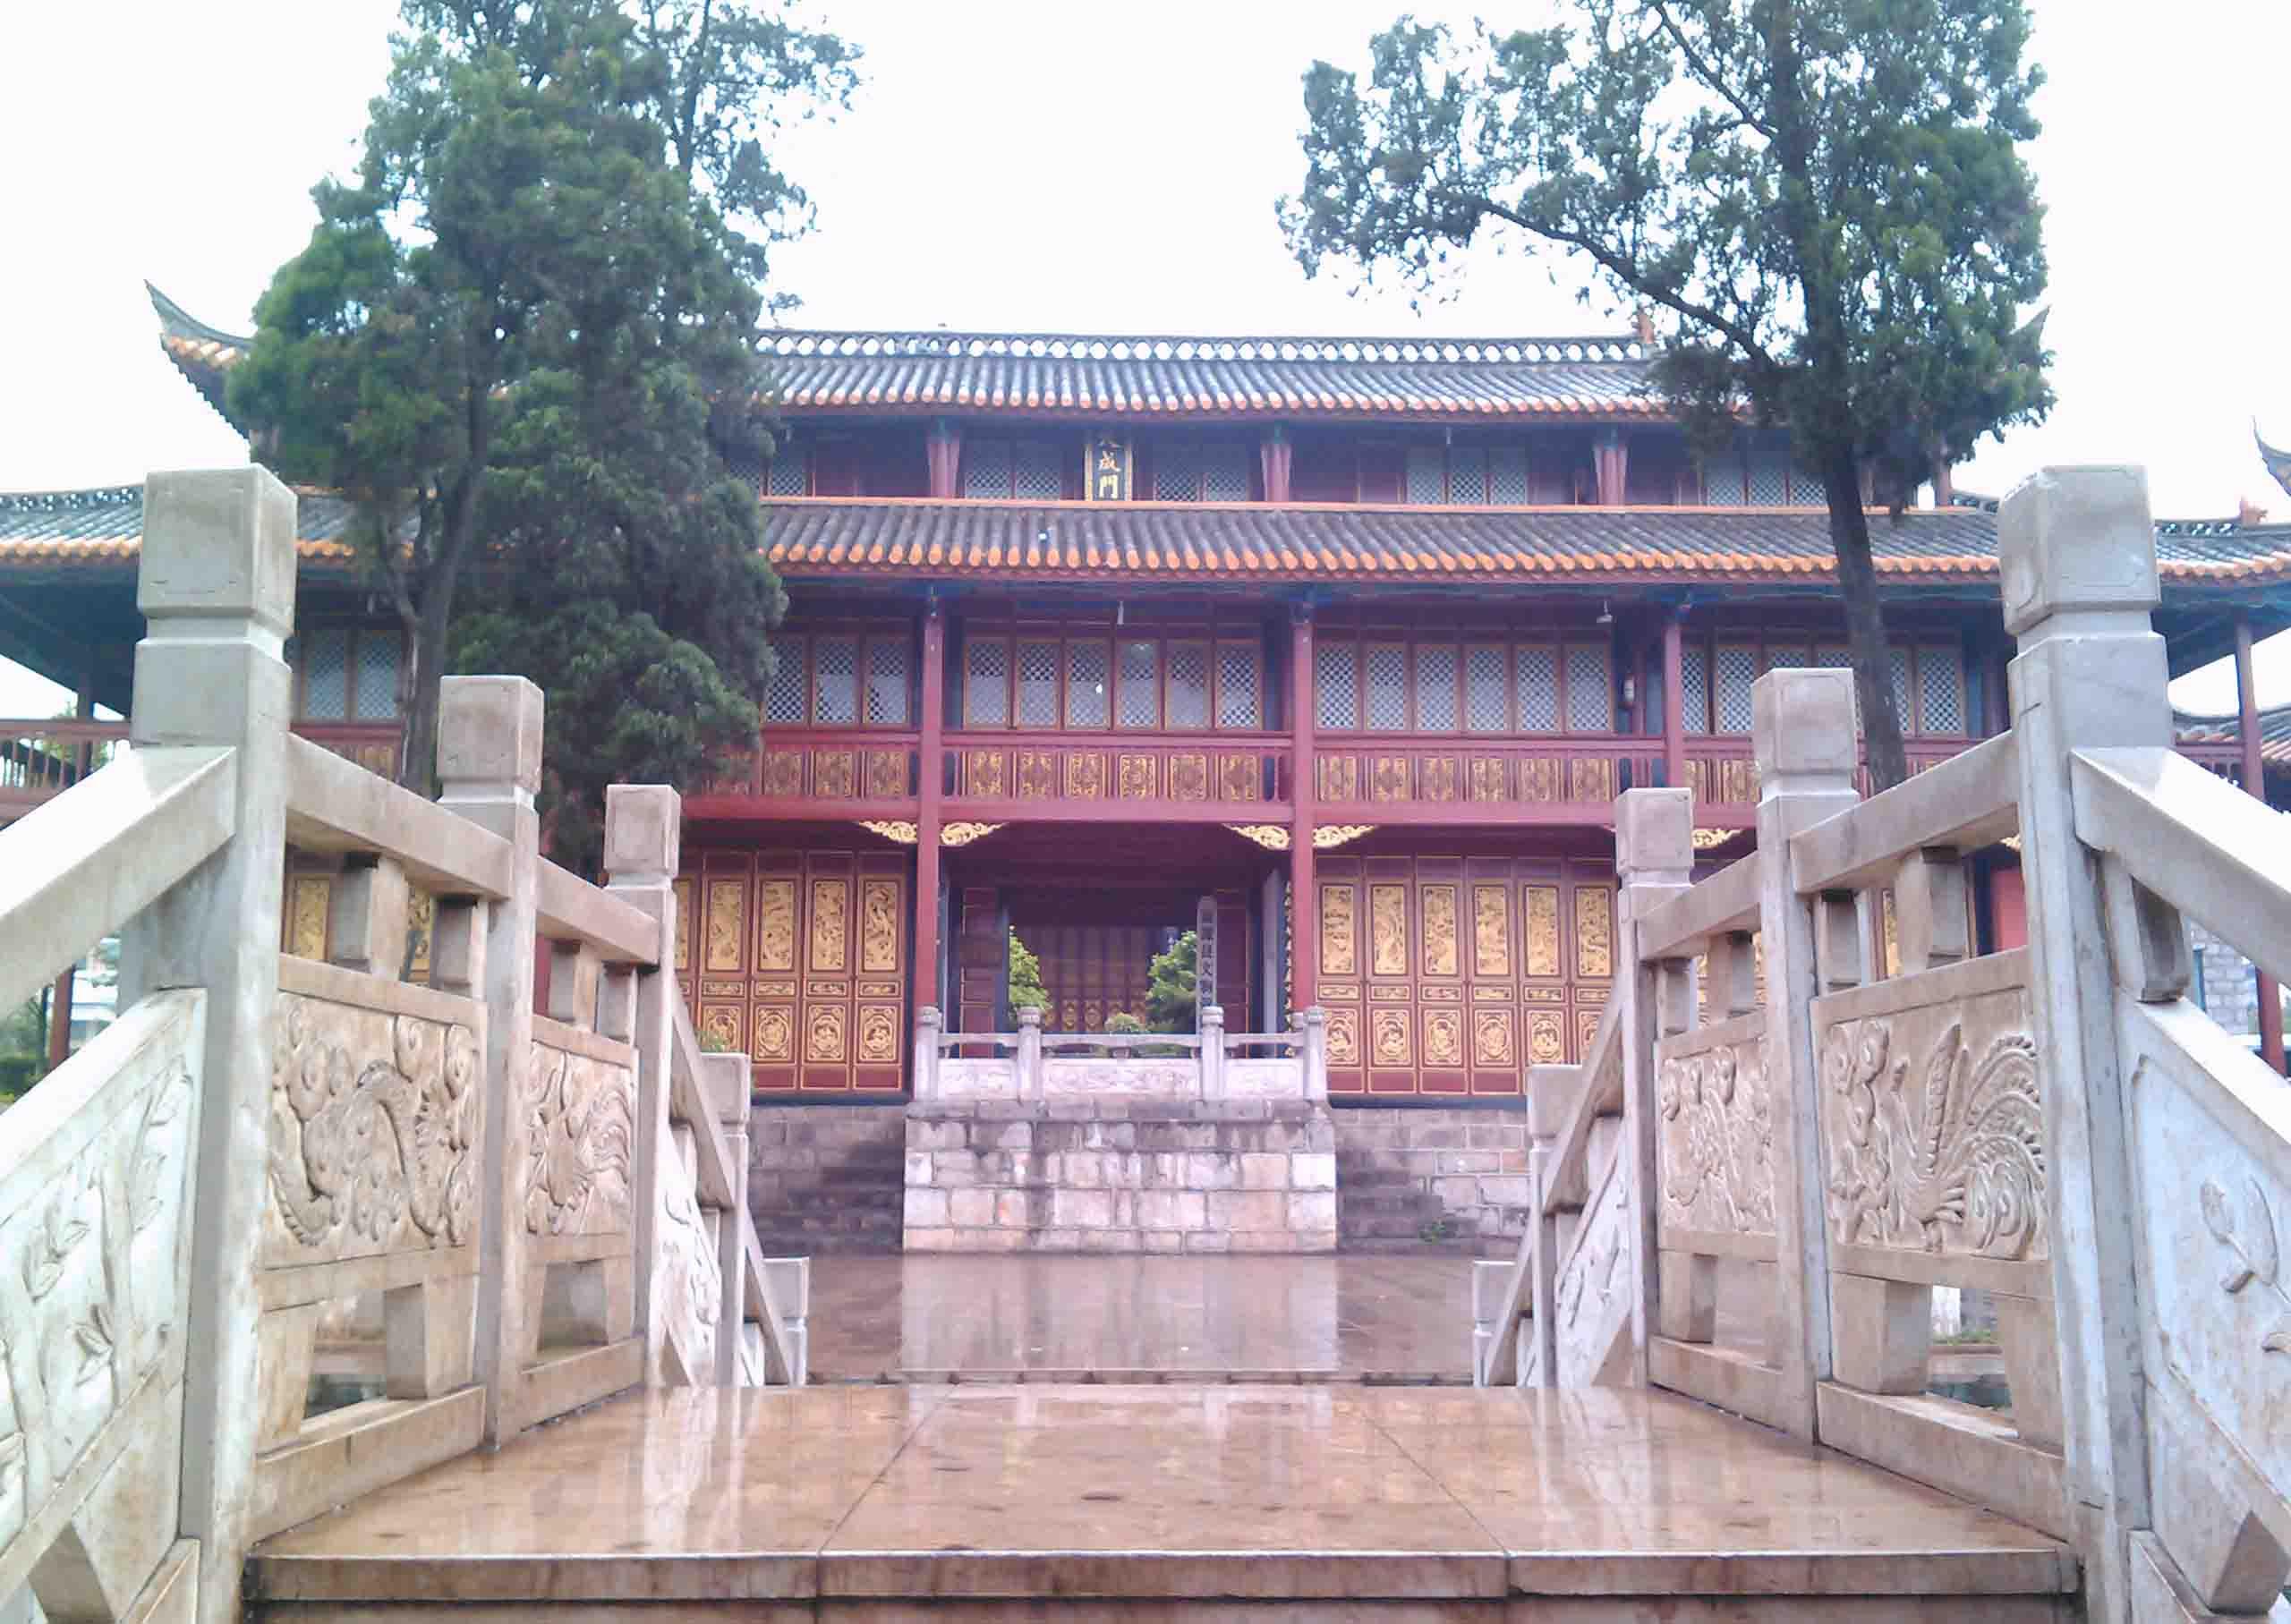 云南省曲靖市狗街_富源文庙 - 孔庙